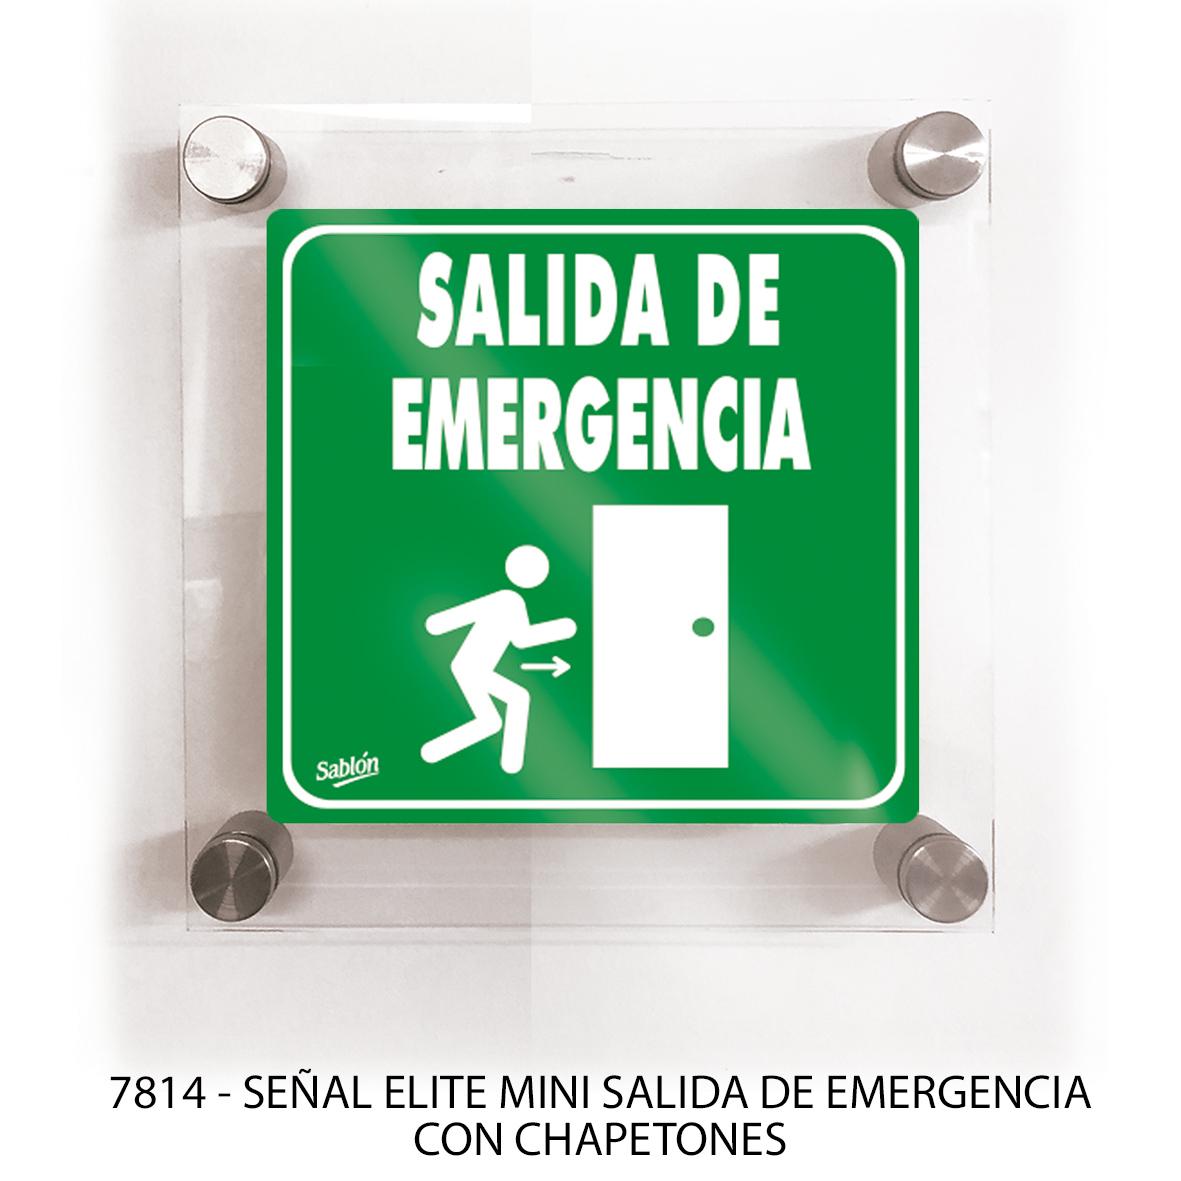 Señal salida de emergencia con chapetones línea elite mini modelo 7814 Sablón